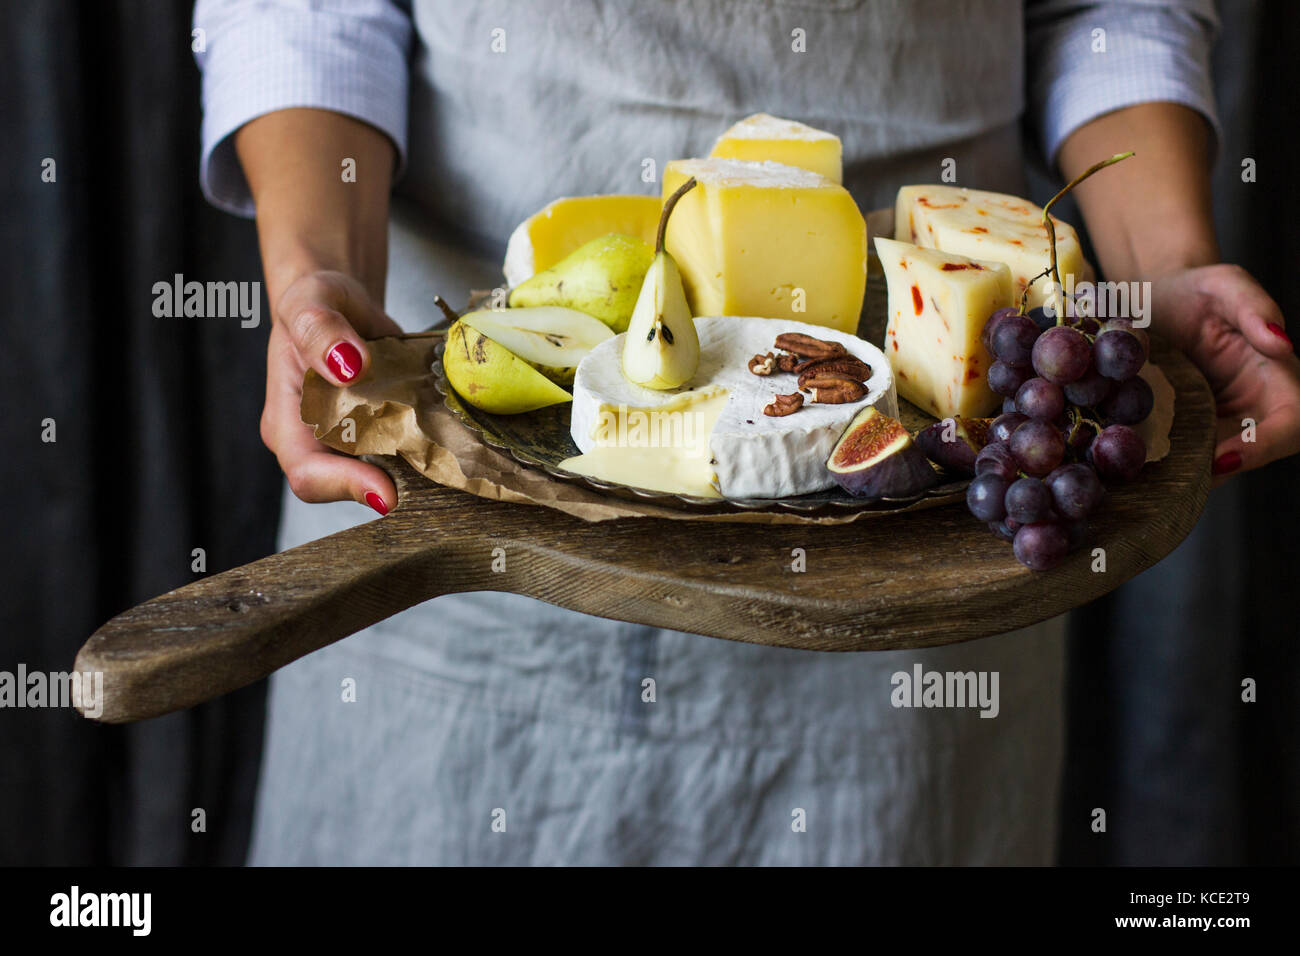 Jeune femme tenant une assiette de fromage sur la planche de bois Photo Stock